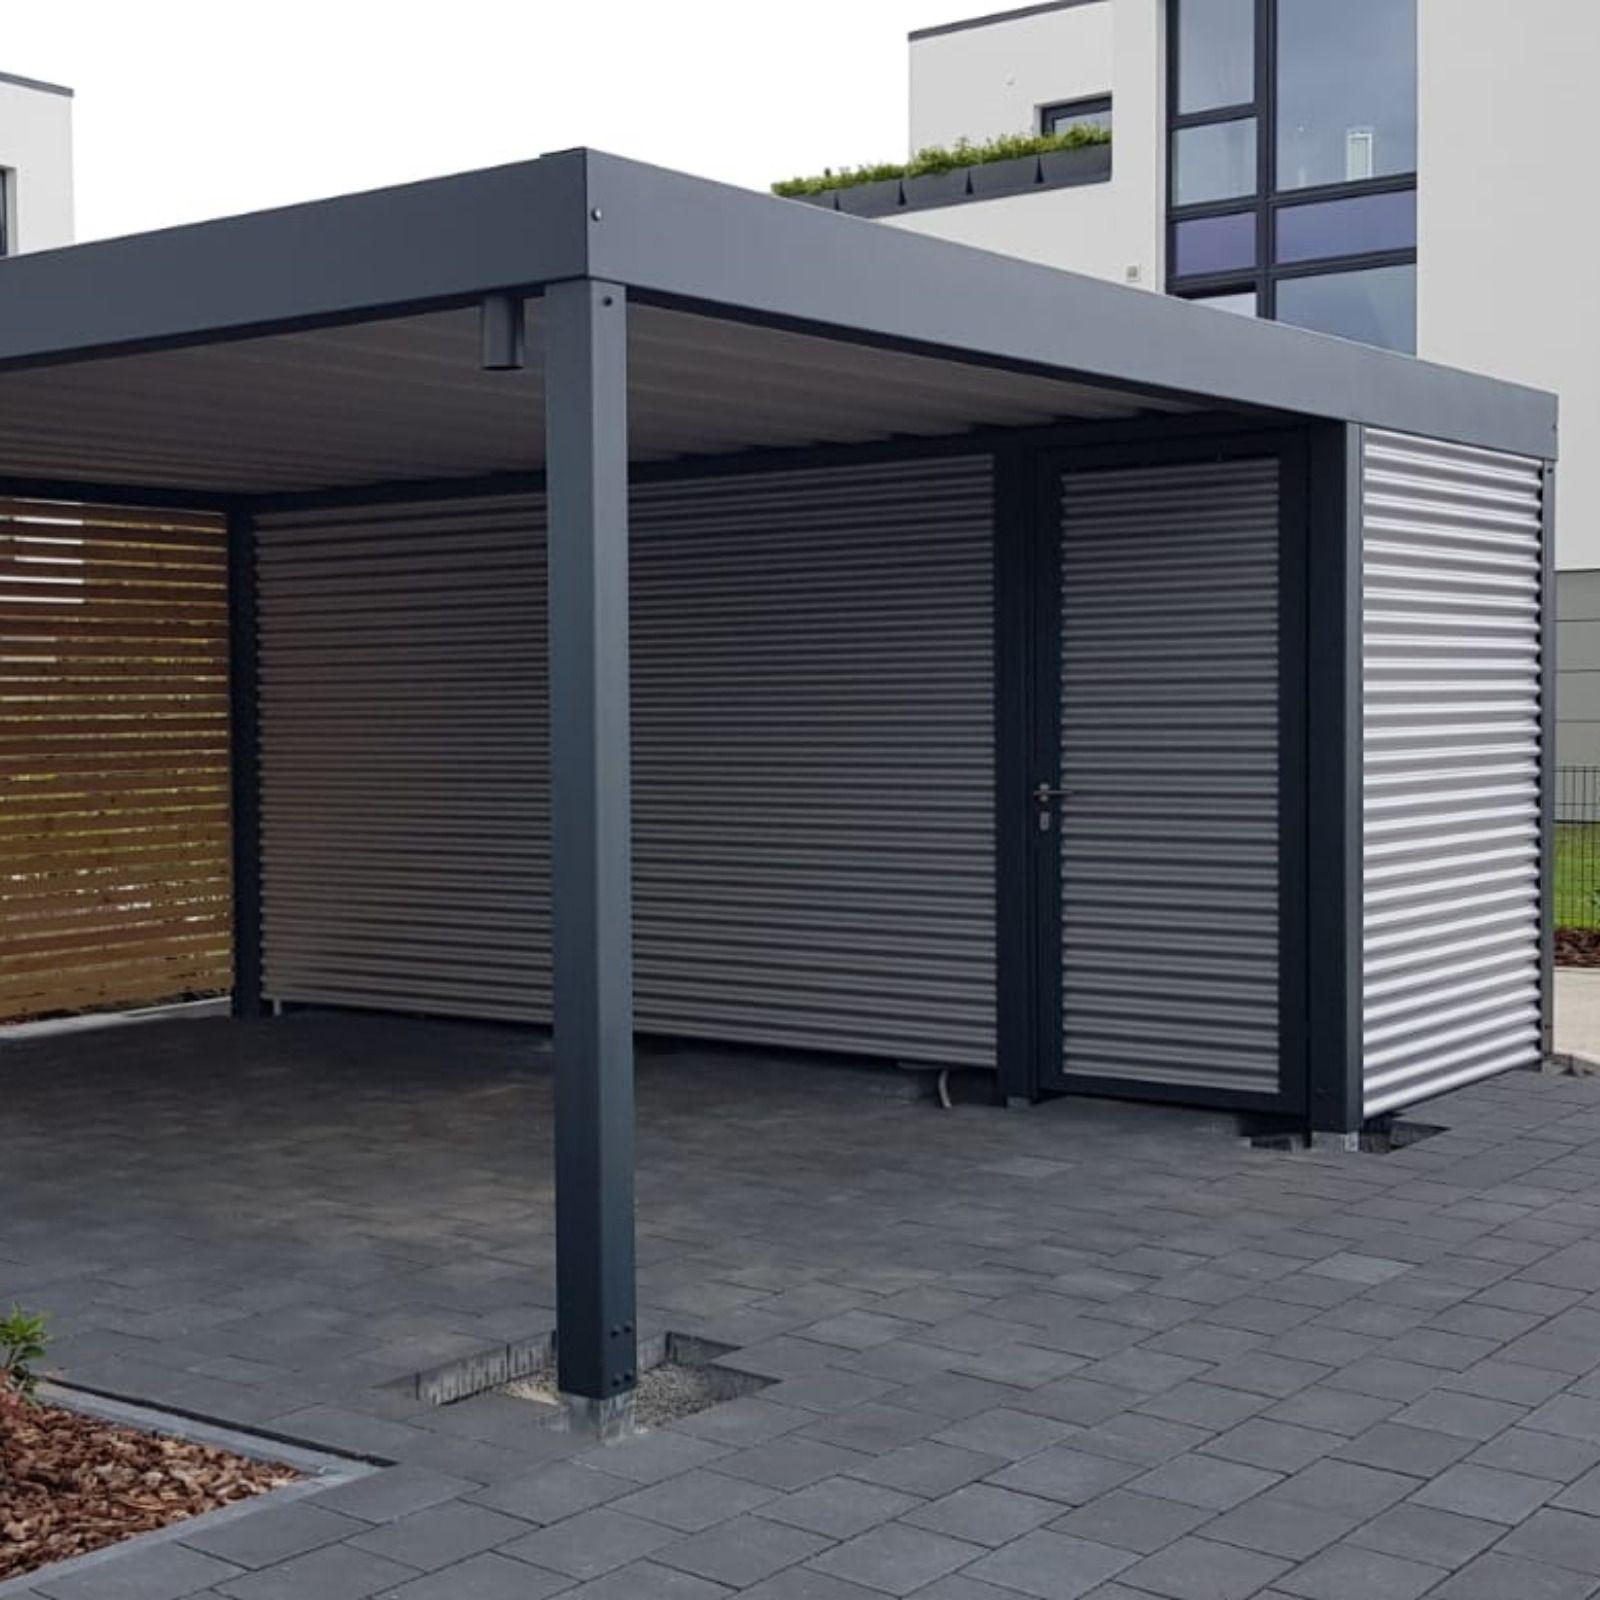 Individuelle Stahlcarports Direkt Vom Hersteller Deutschlandweit Auf Mass Gefertigtes Stahlcarport Auf Wunsch Mit Ger Stahlcarport Carport Stahl Carport